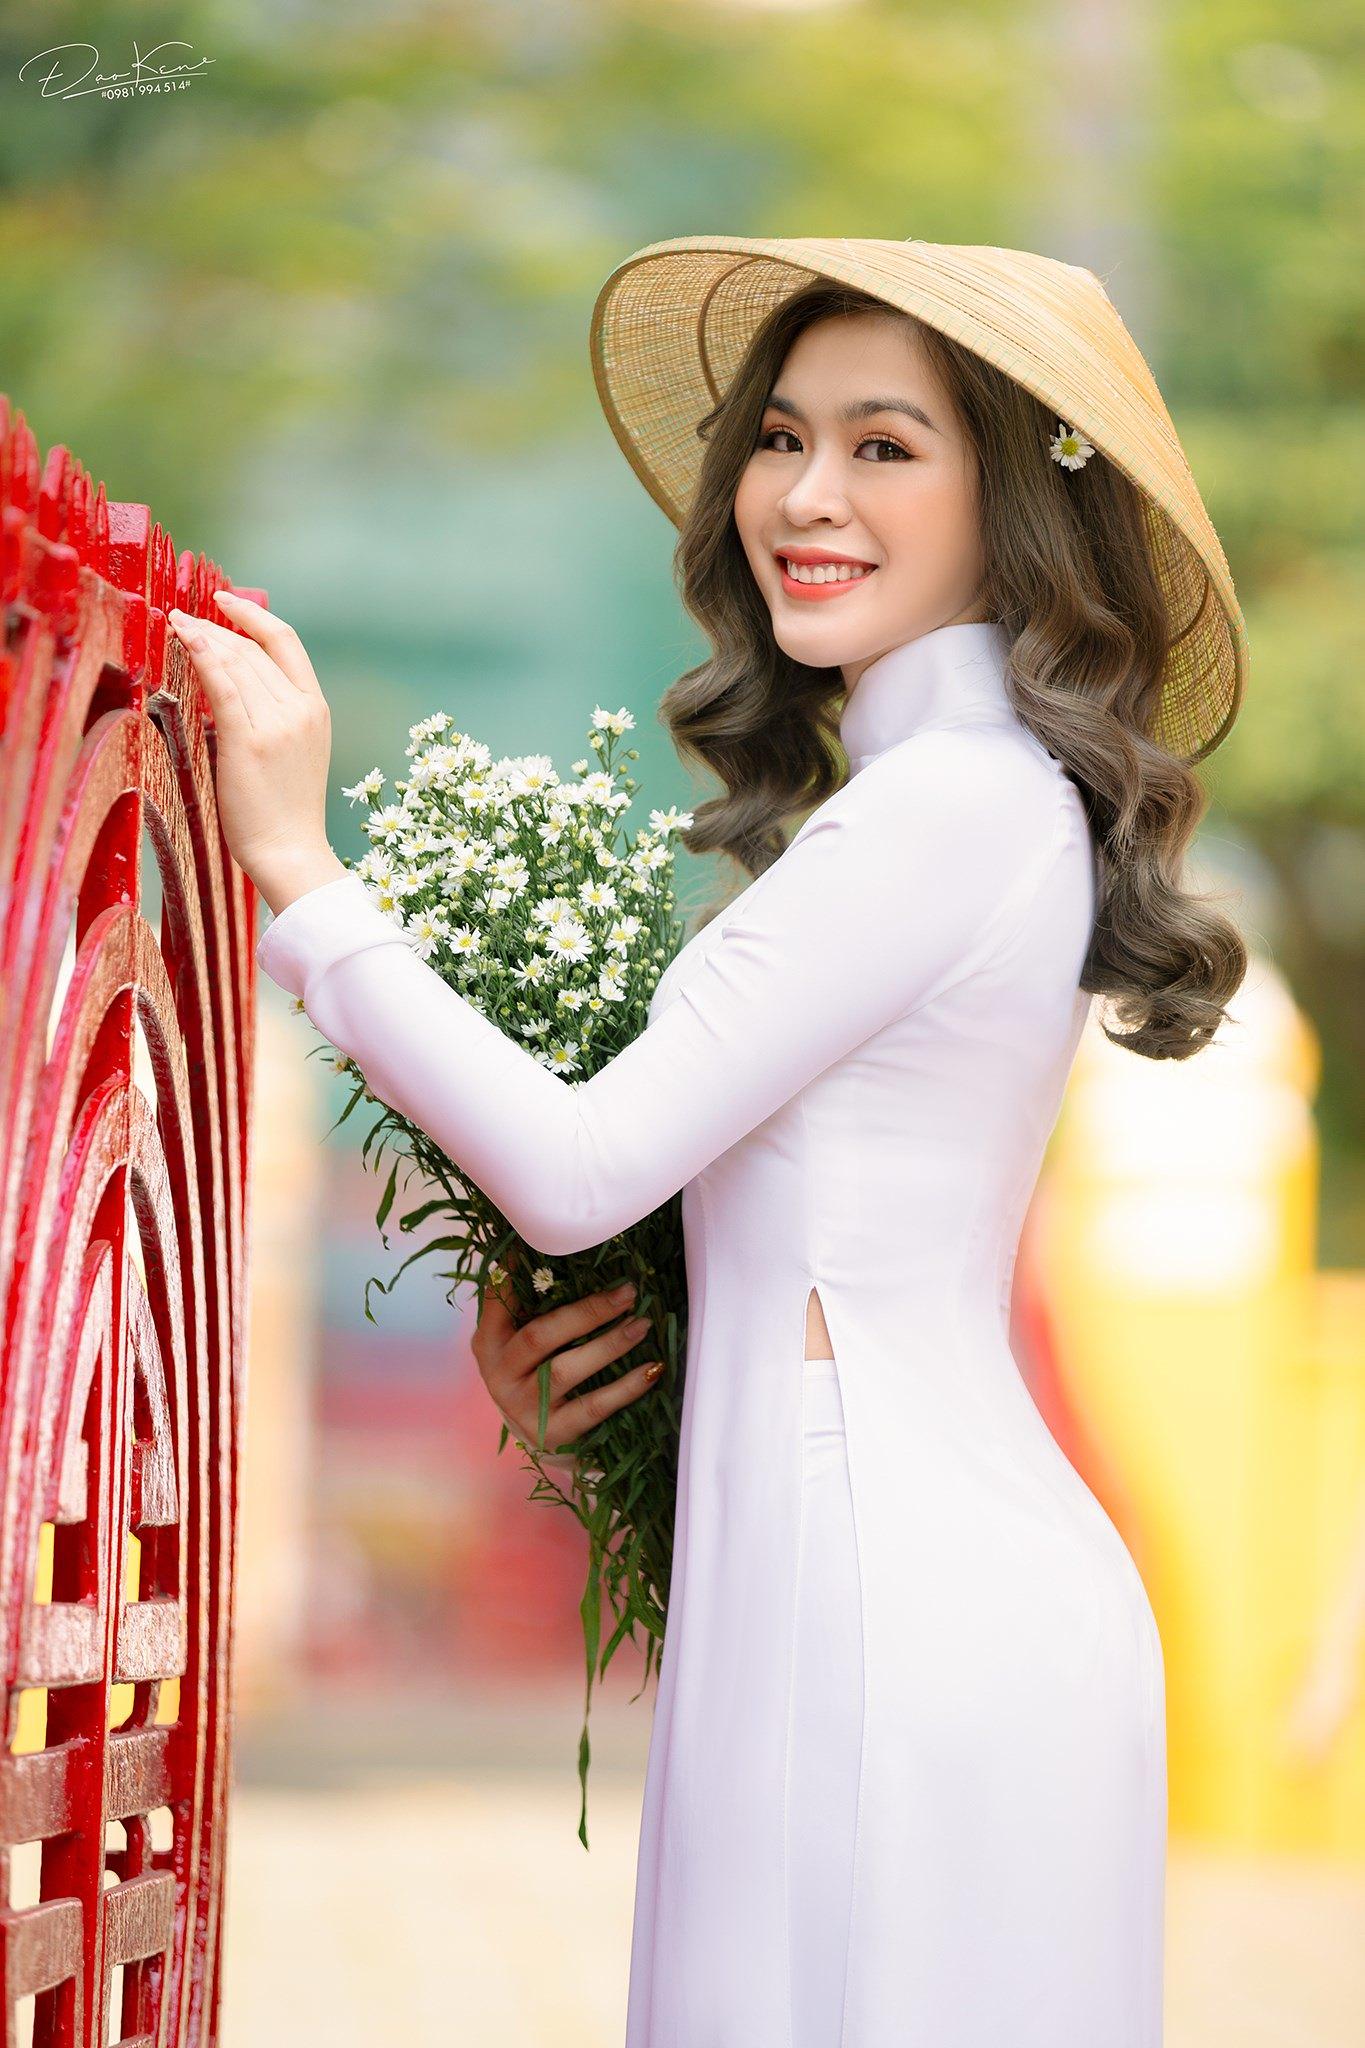 Tuyển tập girl xinh gái đẹp Việt Nam mặc áo dài đẹp mê hồn #57 - 18